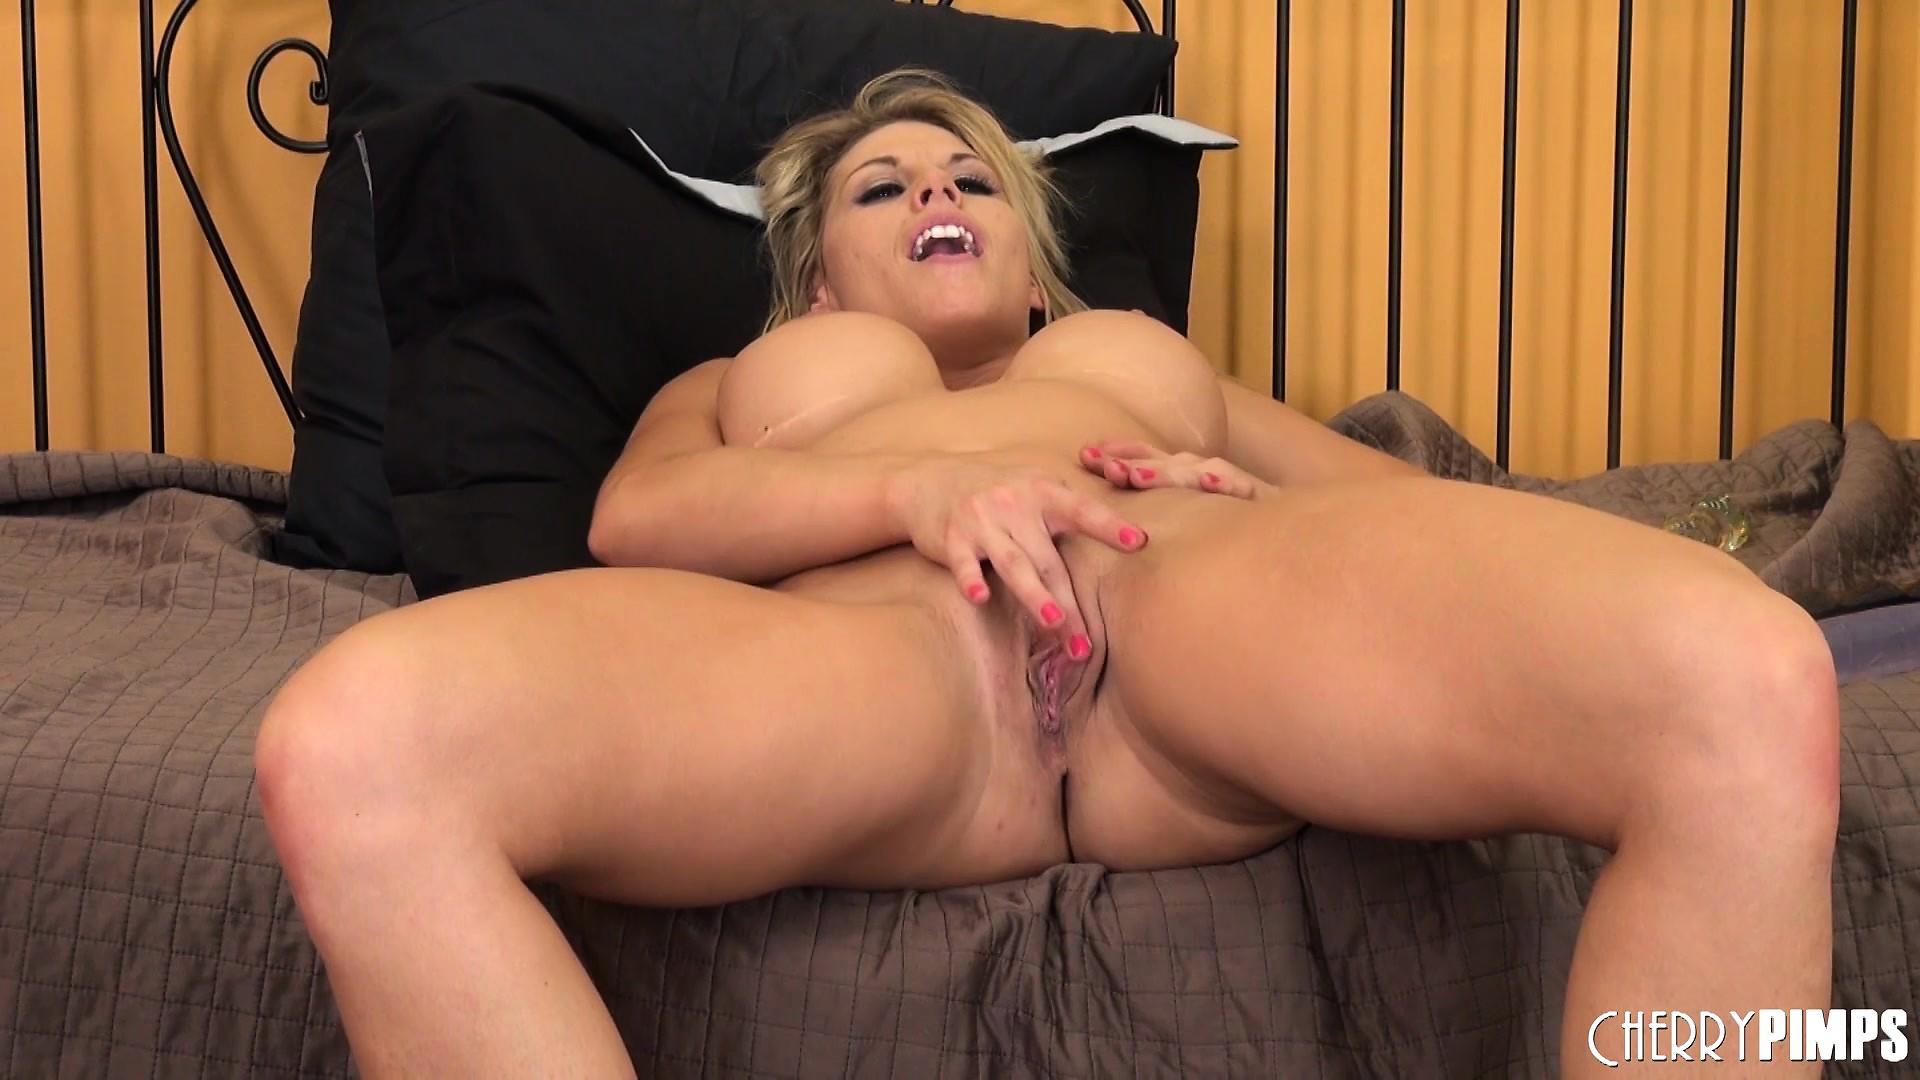 Nude girls enjoying orgasm